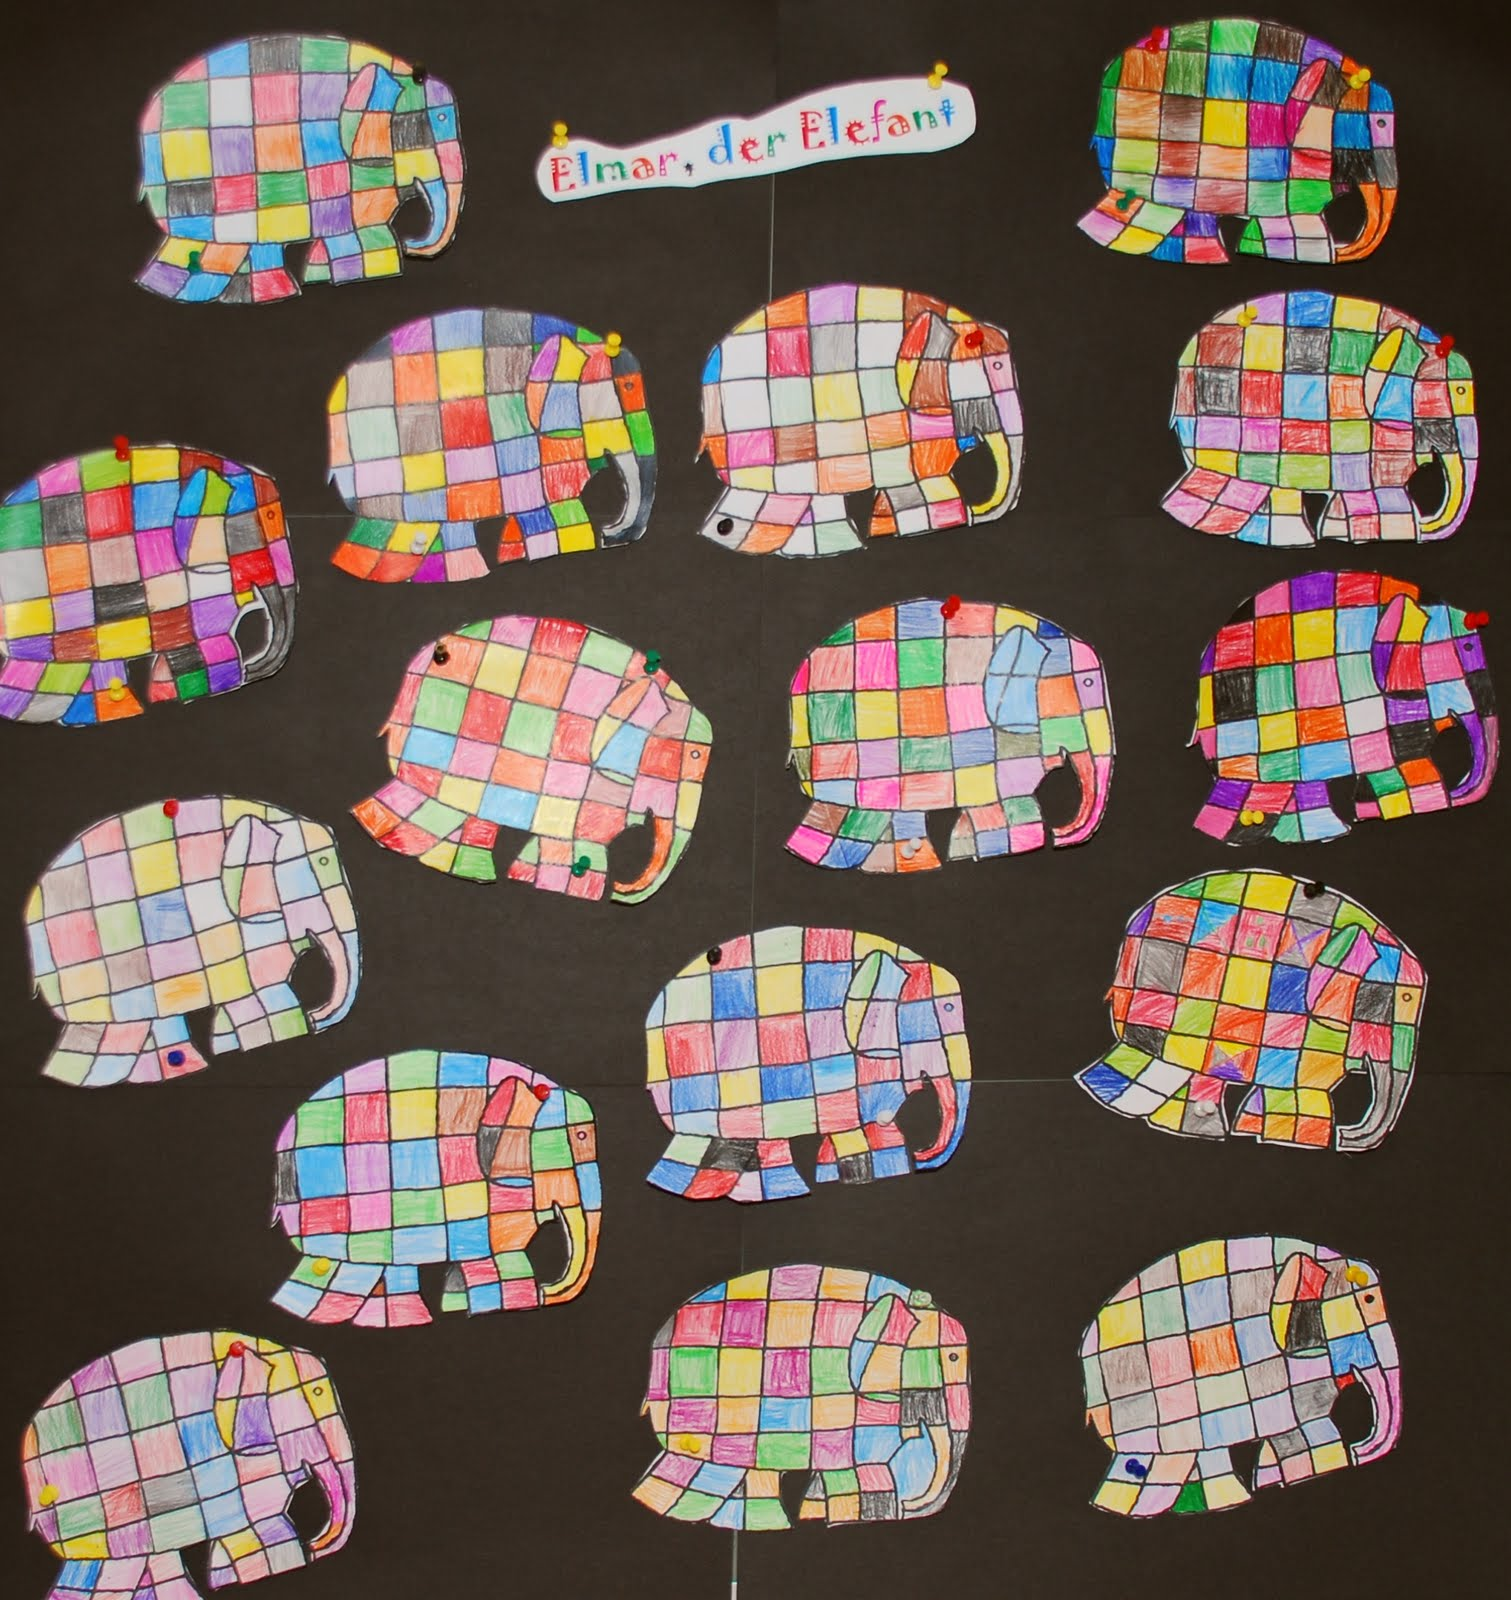 vs steinhaus 1 klasse 2010 2011 elmar der elefant. Black Bedroom Furniture Sets. Home Design Ideas